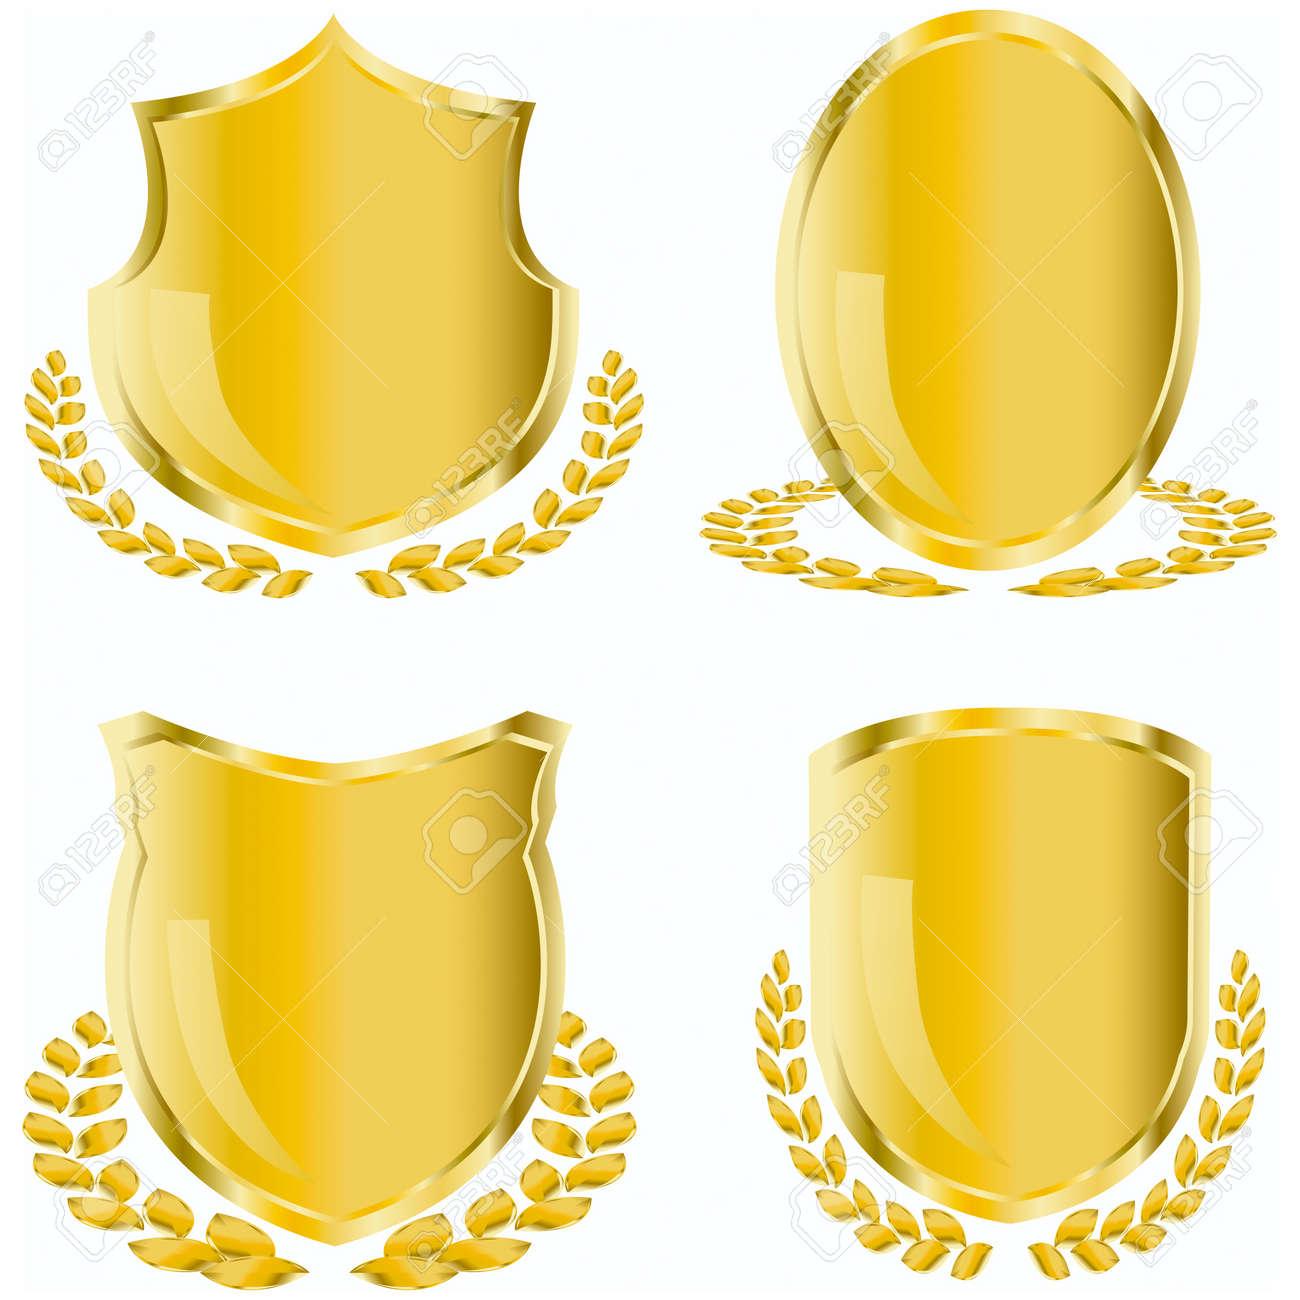 golden shield with laurel wreath - 3822299